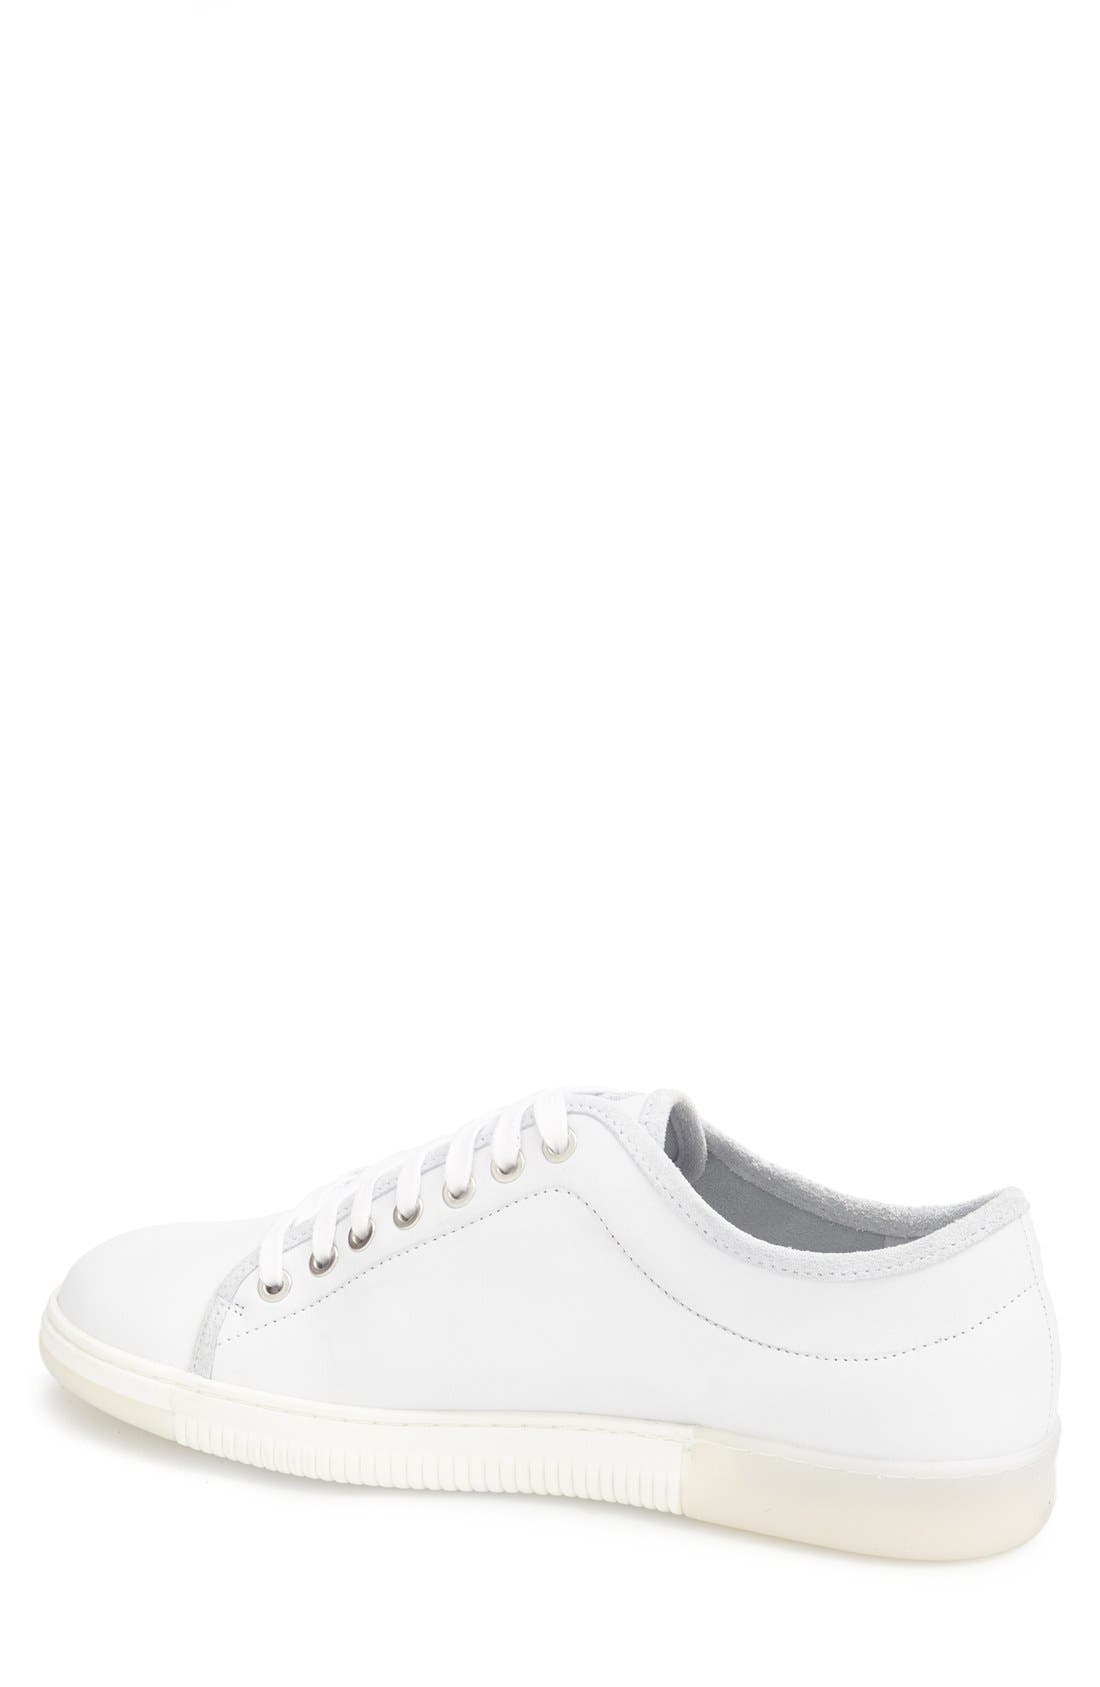 'Justen' Sneaker,                             Alternate thumbnail 2, color,                             White